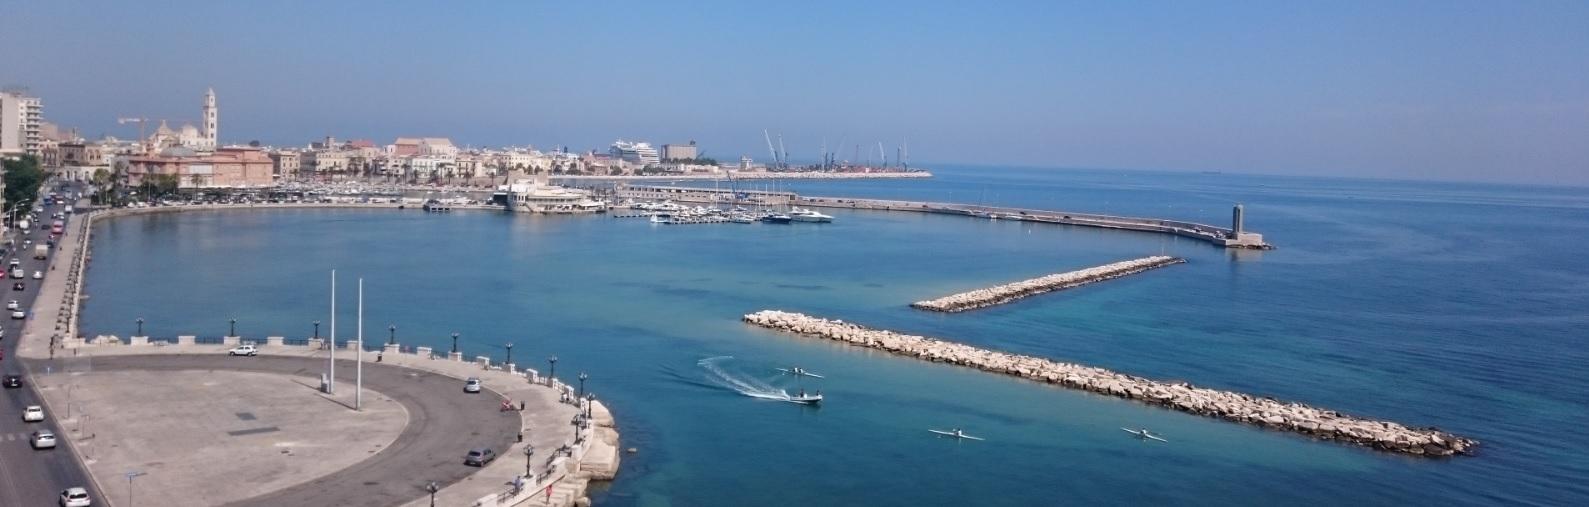 Bari - Assiteca Spa, filiale di Bari